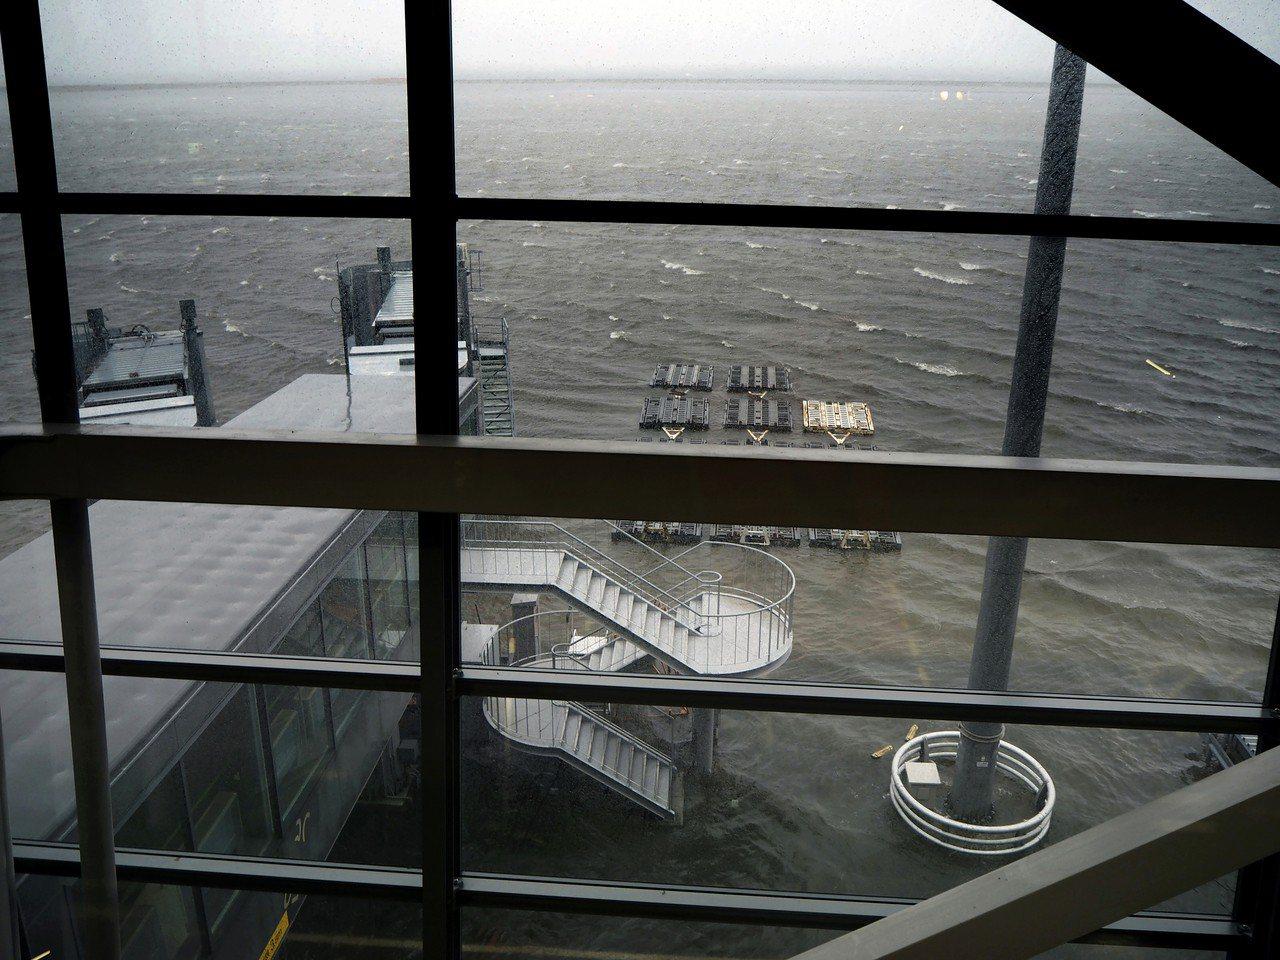 關西機場跑道昨遭海水淹沒的狀況。美聯社